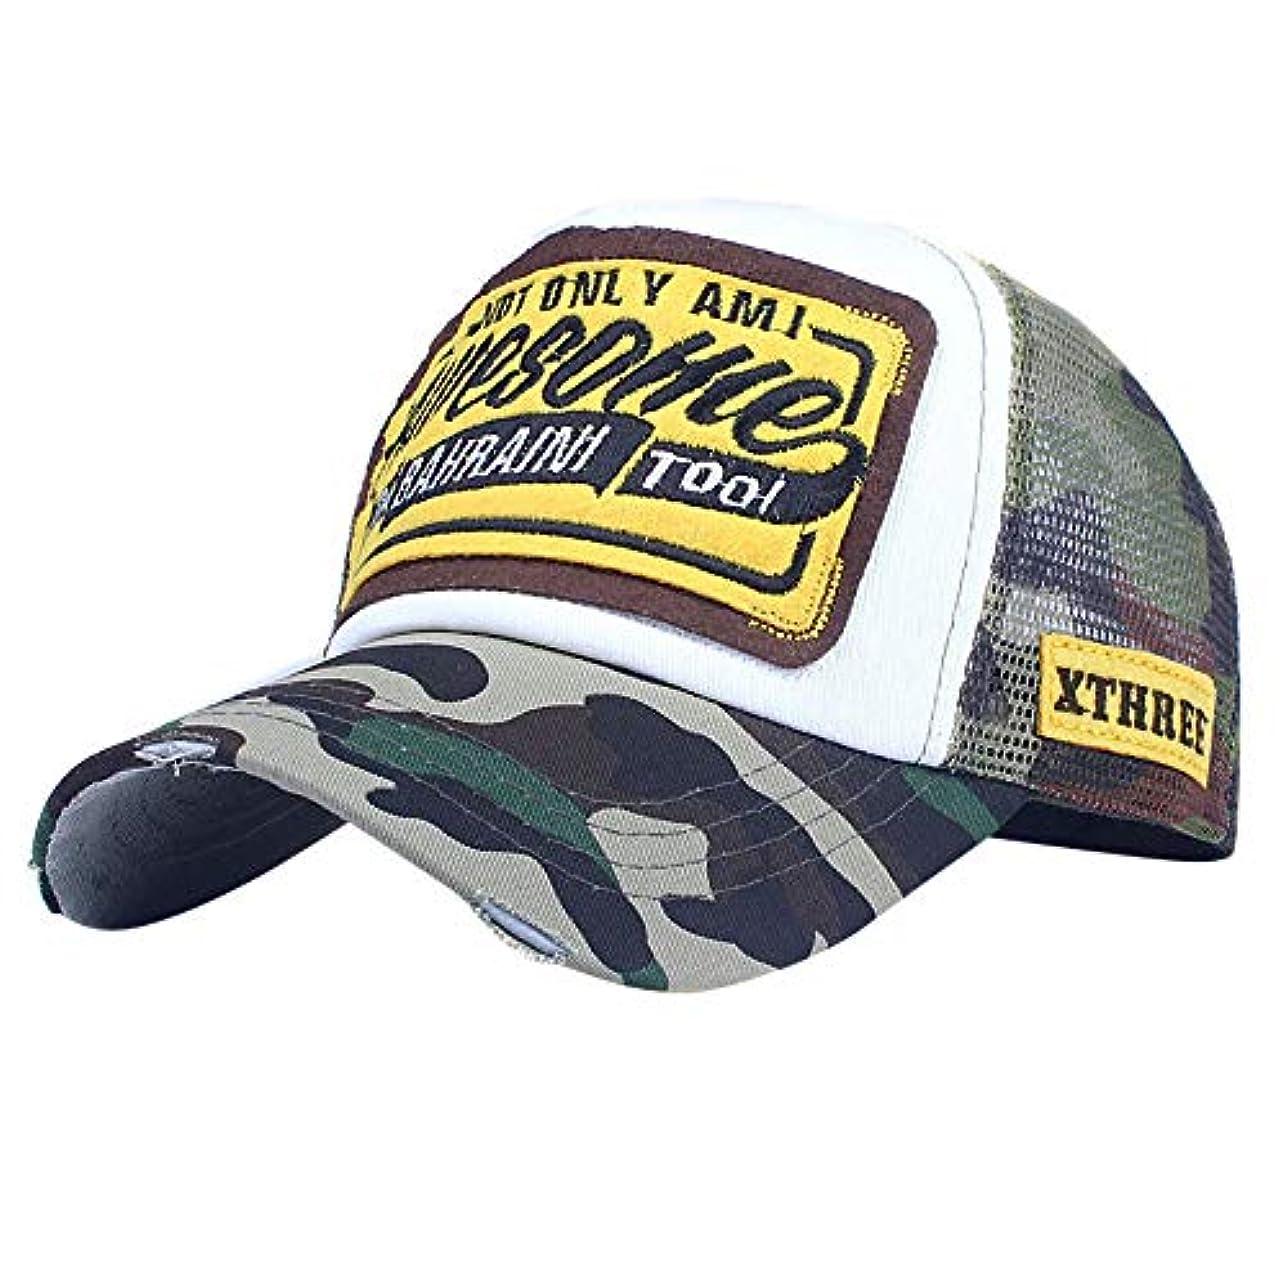 唇無力カブRacazing カモフラージュ 野球帽 ヒップホップ メンズ 夏 登山 帽子 迷彩 可調整可能 プラスベルベット 棒球帽 UV 帽子 UVカット軽量 屋外 Unisex 鸭舌帽 Hat Cap